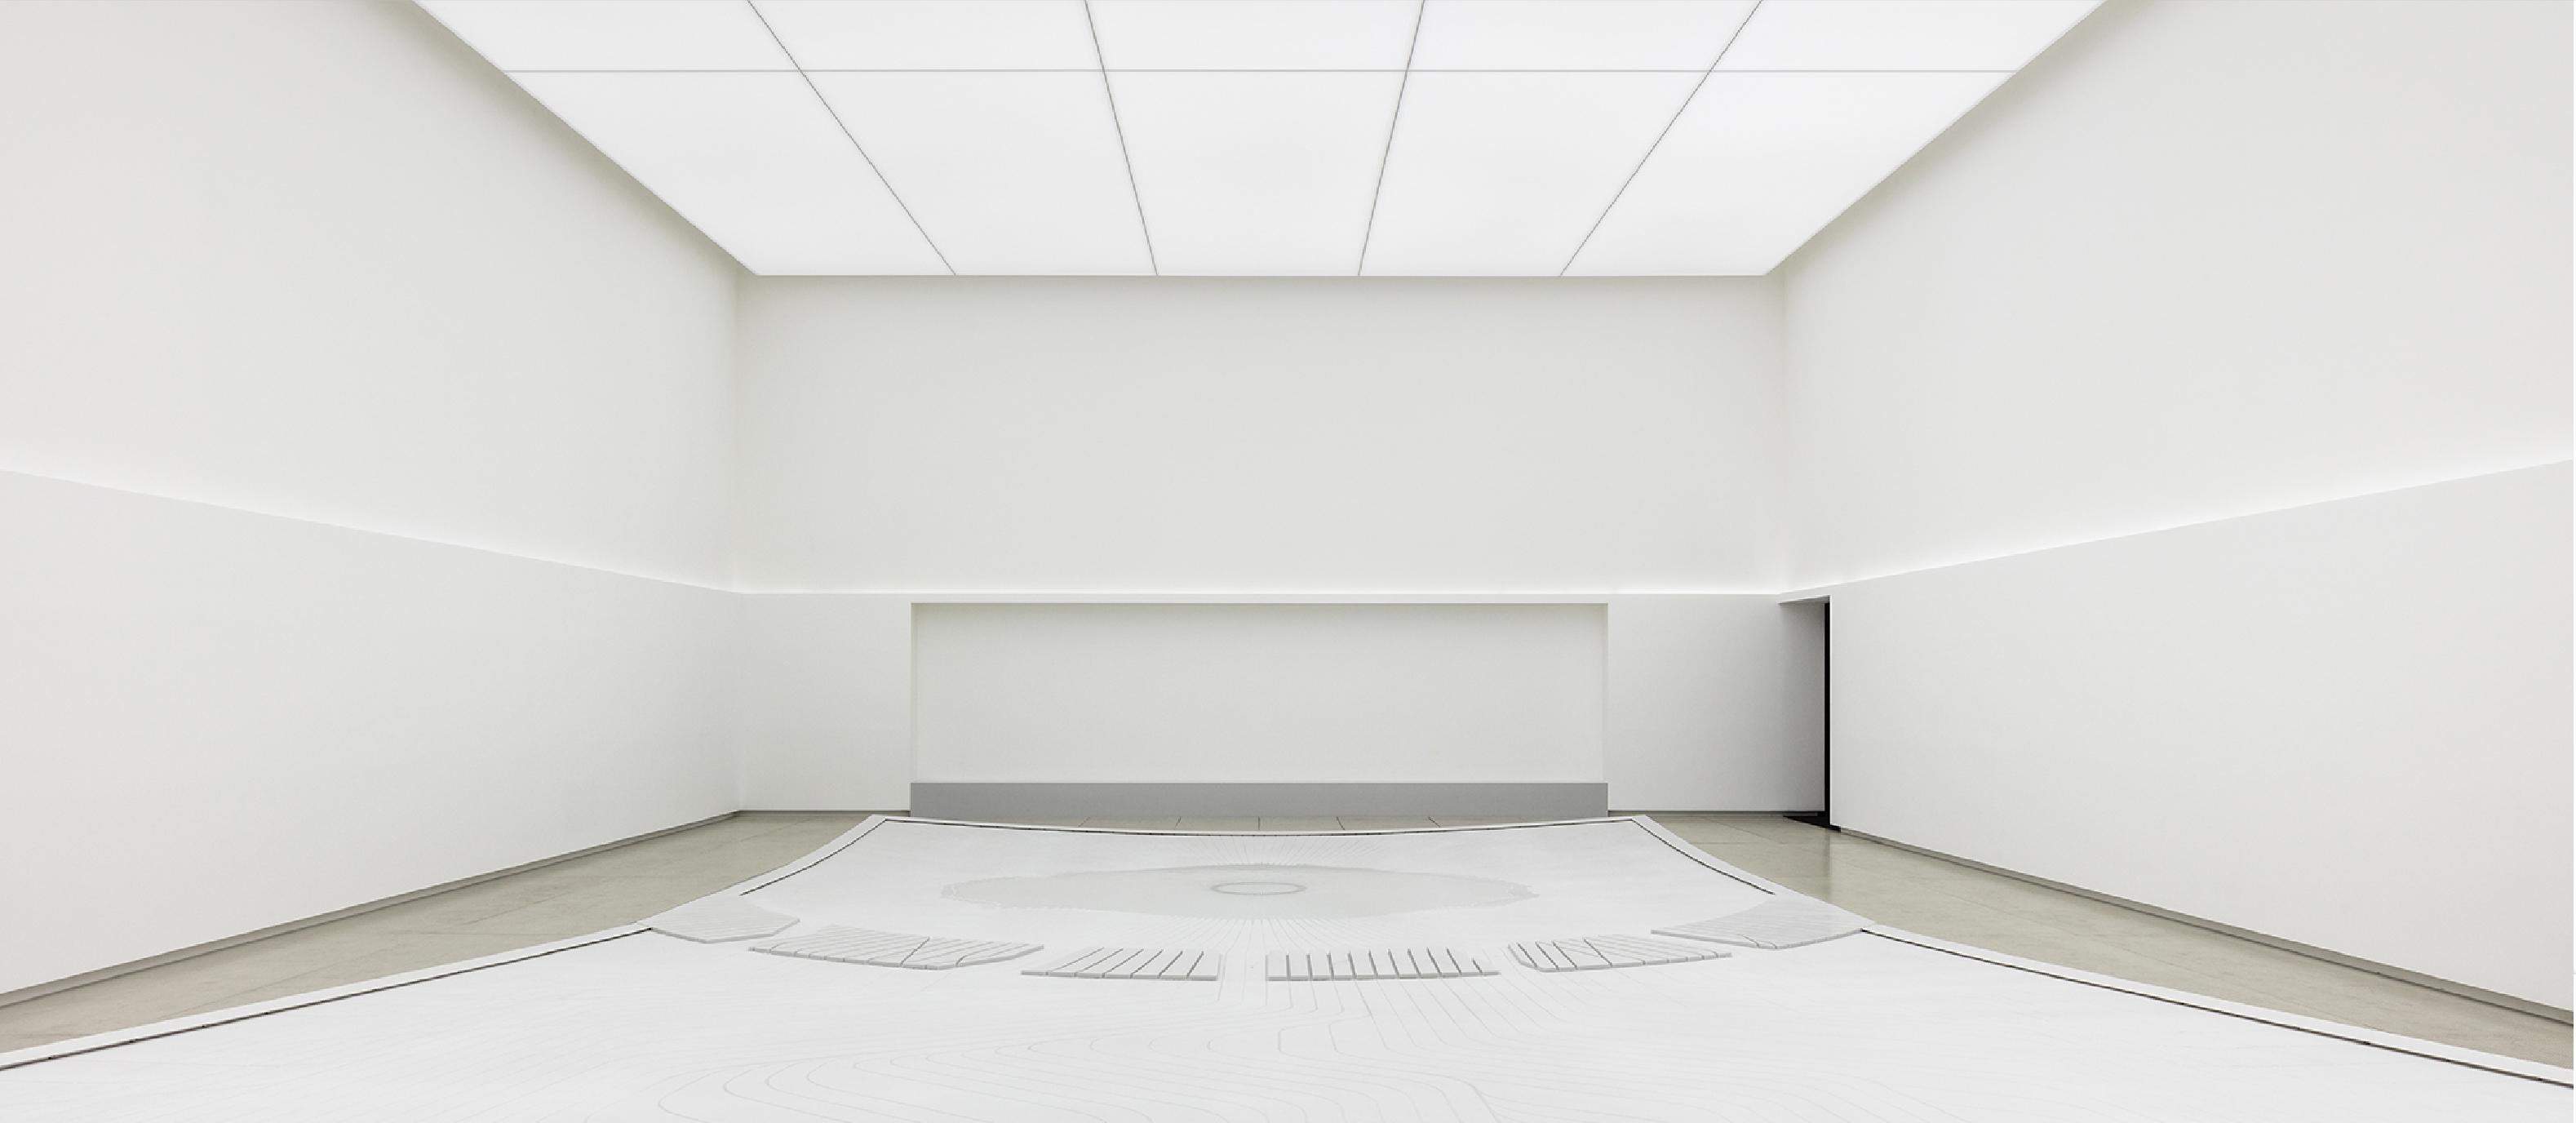 HyundaiPavilion_01